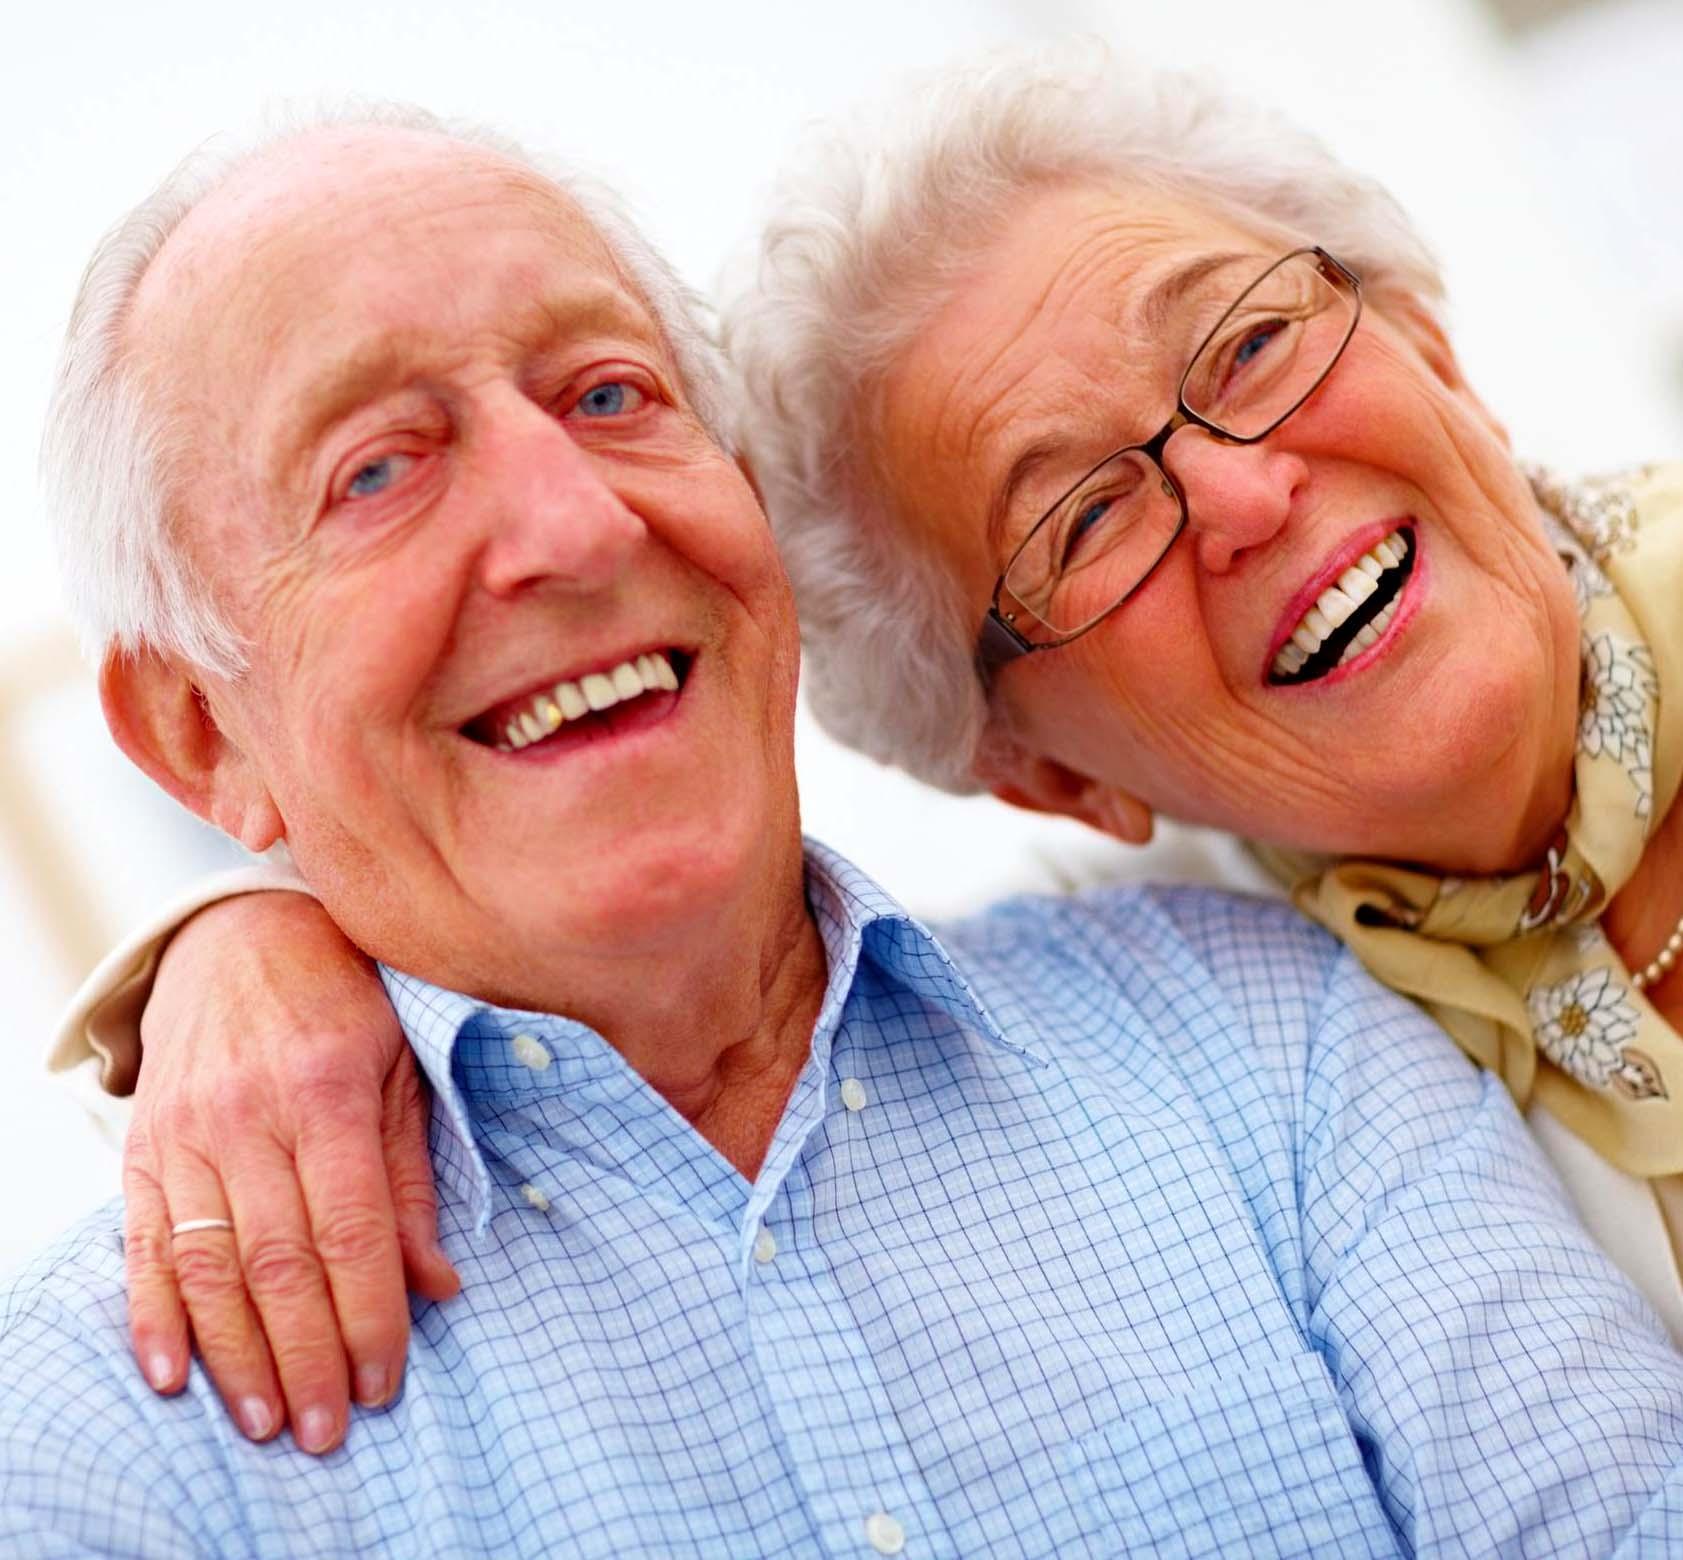 Jaki prezent podarować babci i dziadkowi na Dzień Babci i Dzień Dziadka